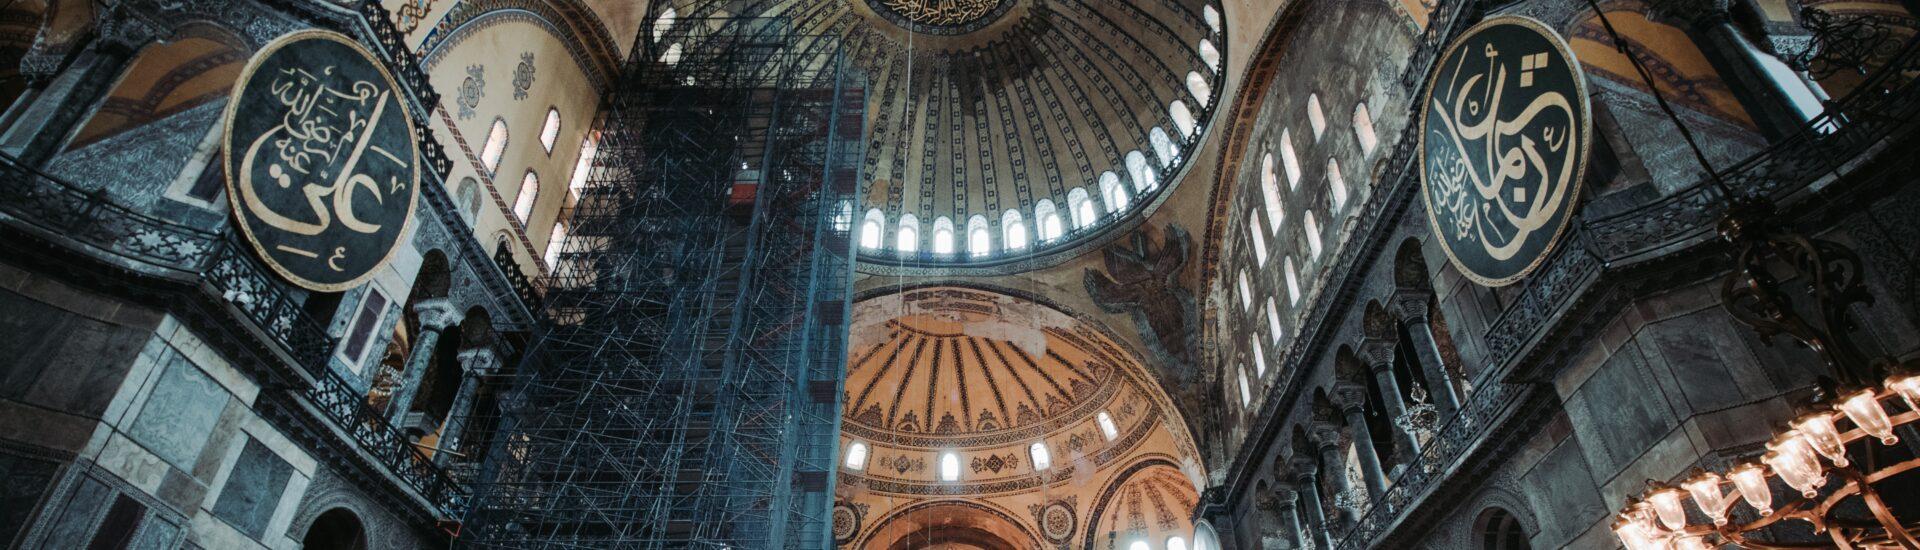 Η μετατροπή της Αγίας Σοφίας σε Τζαμί: Εθνικιστική τύφλα & Θρησκευτική Μισαλλοδοξία